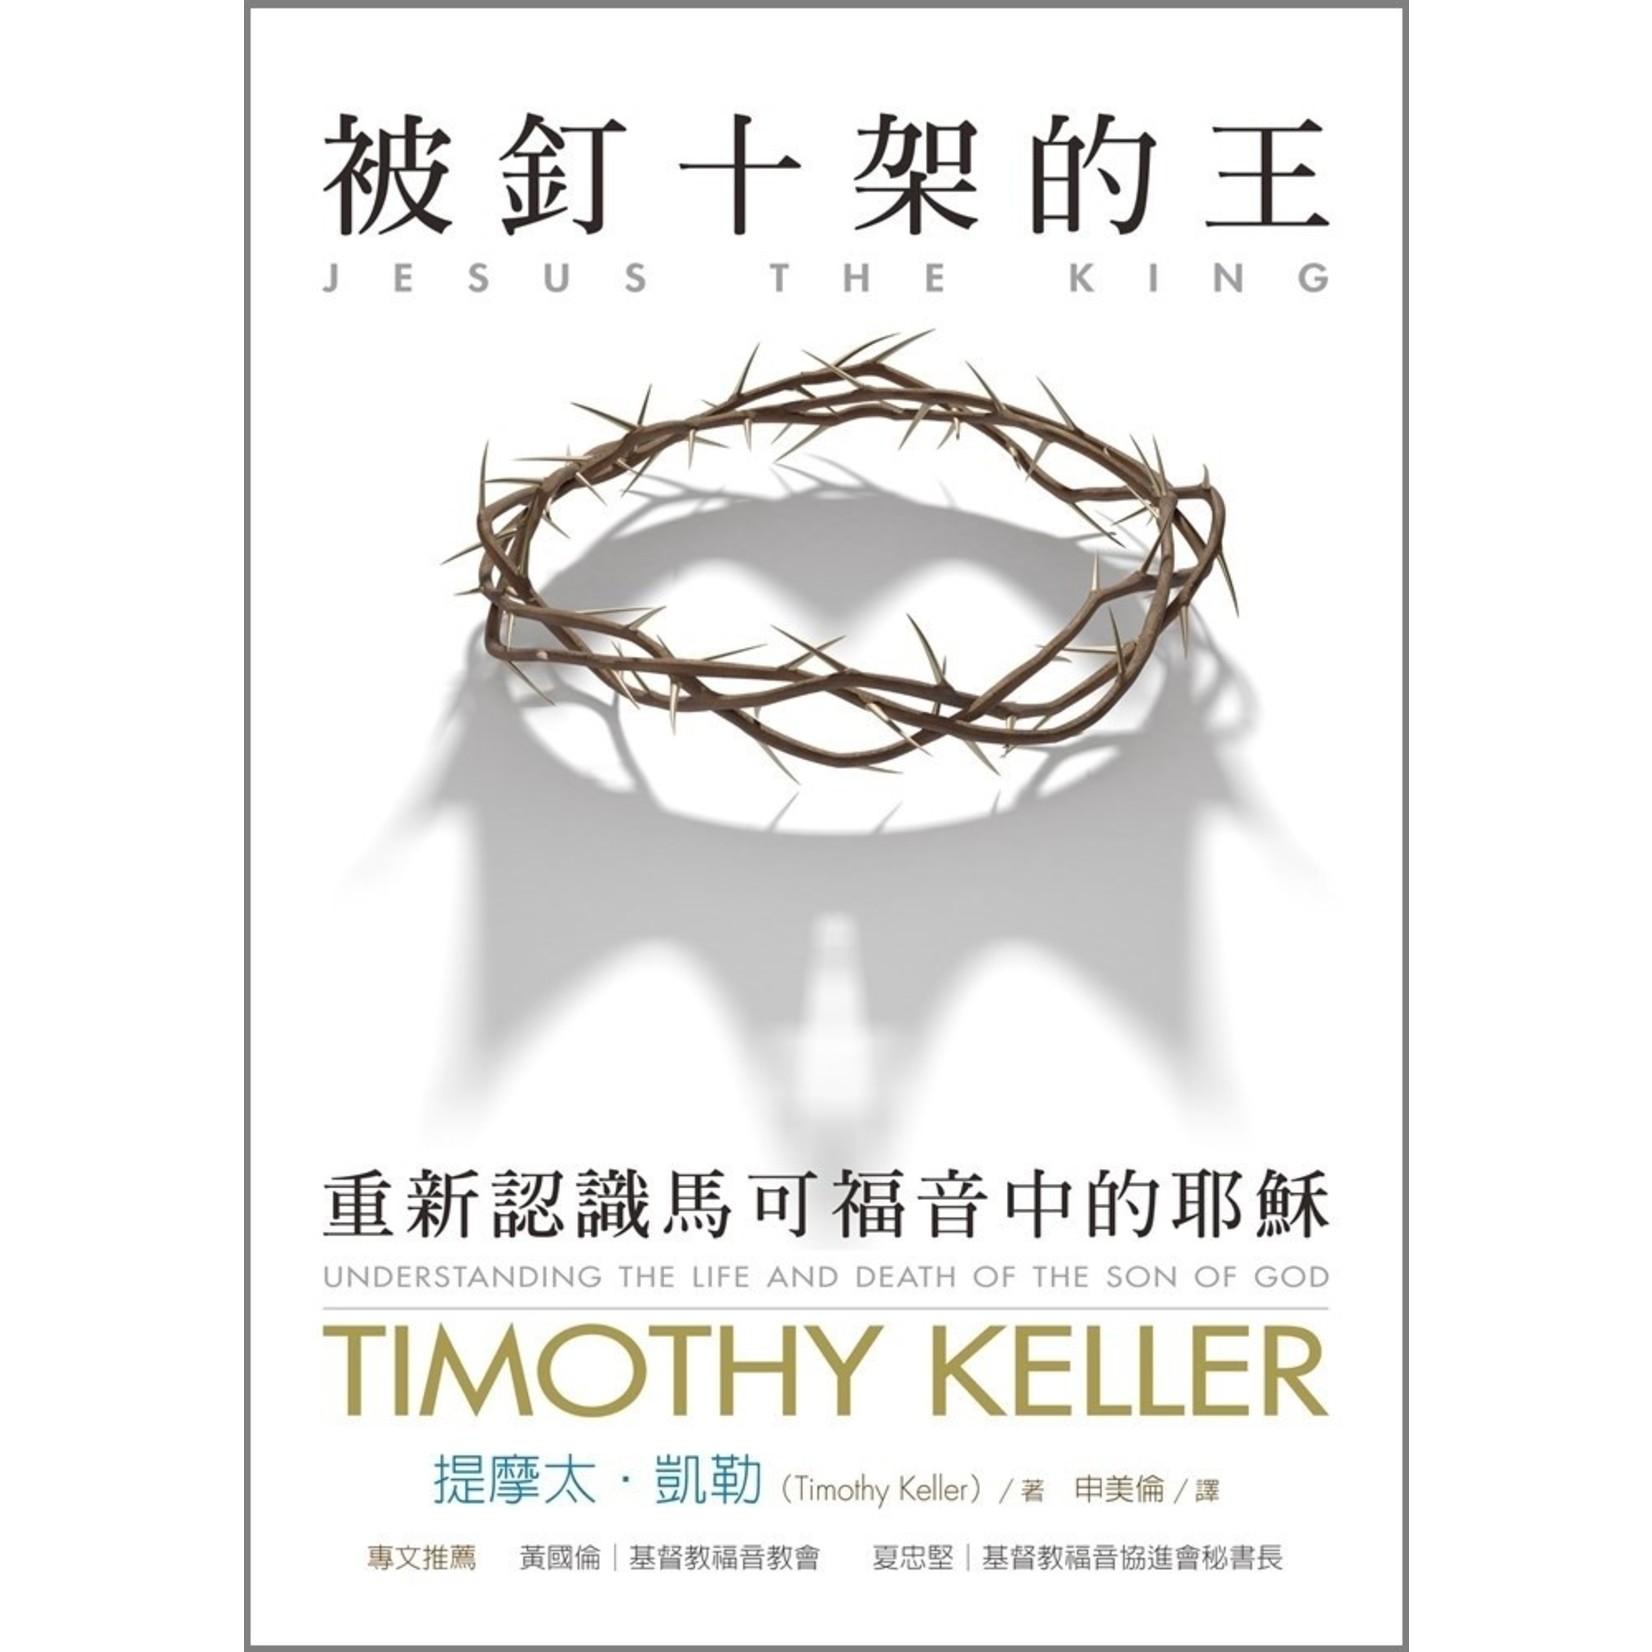 校園書房 Campus Books 被釘十架的王:重新認識馬可福音中的耶穌 Jesus The King: Understanding The Life and Death of The Son of God